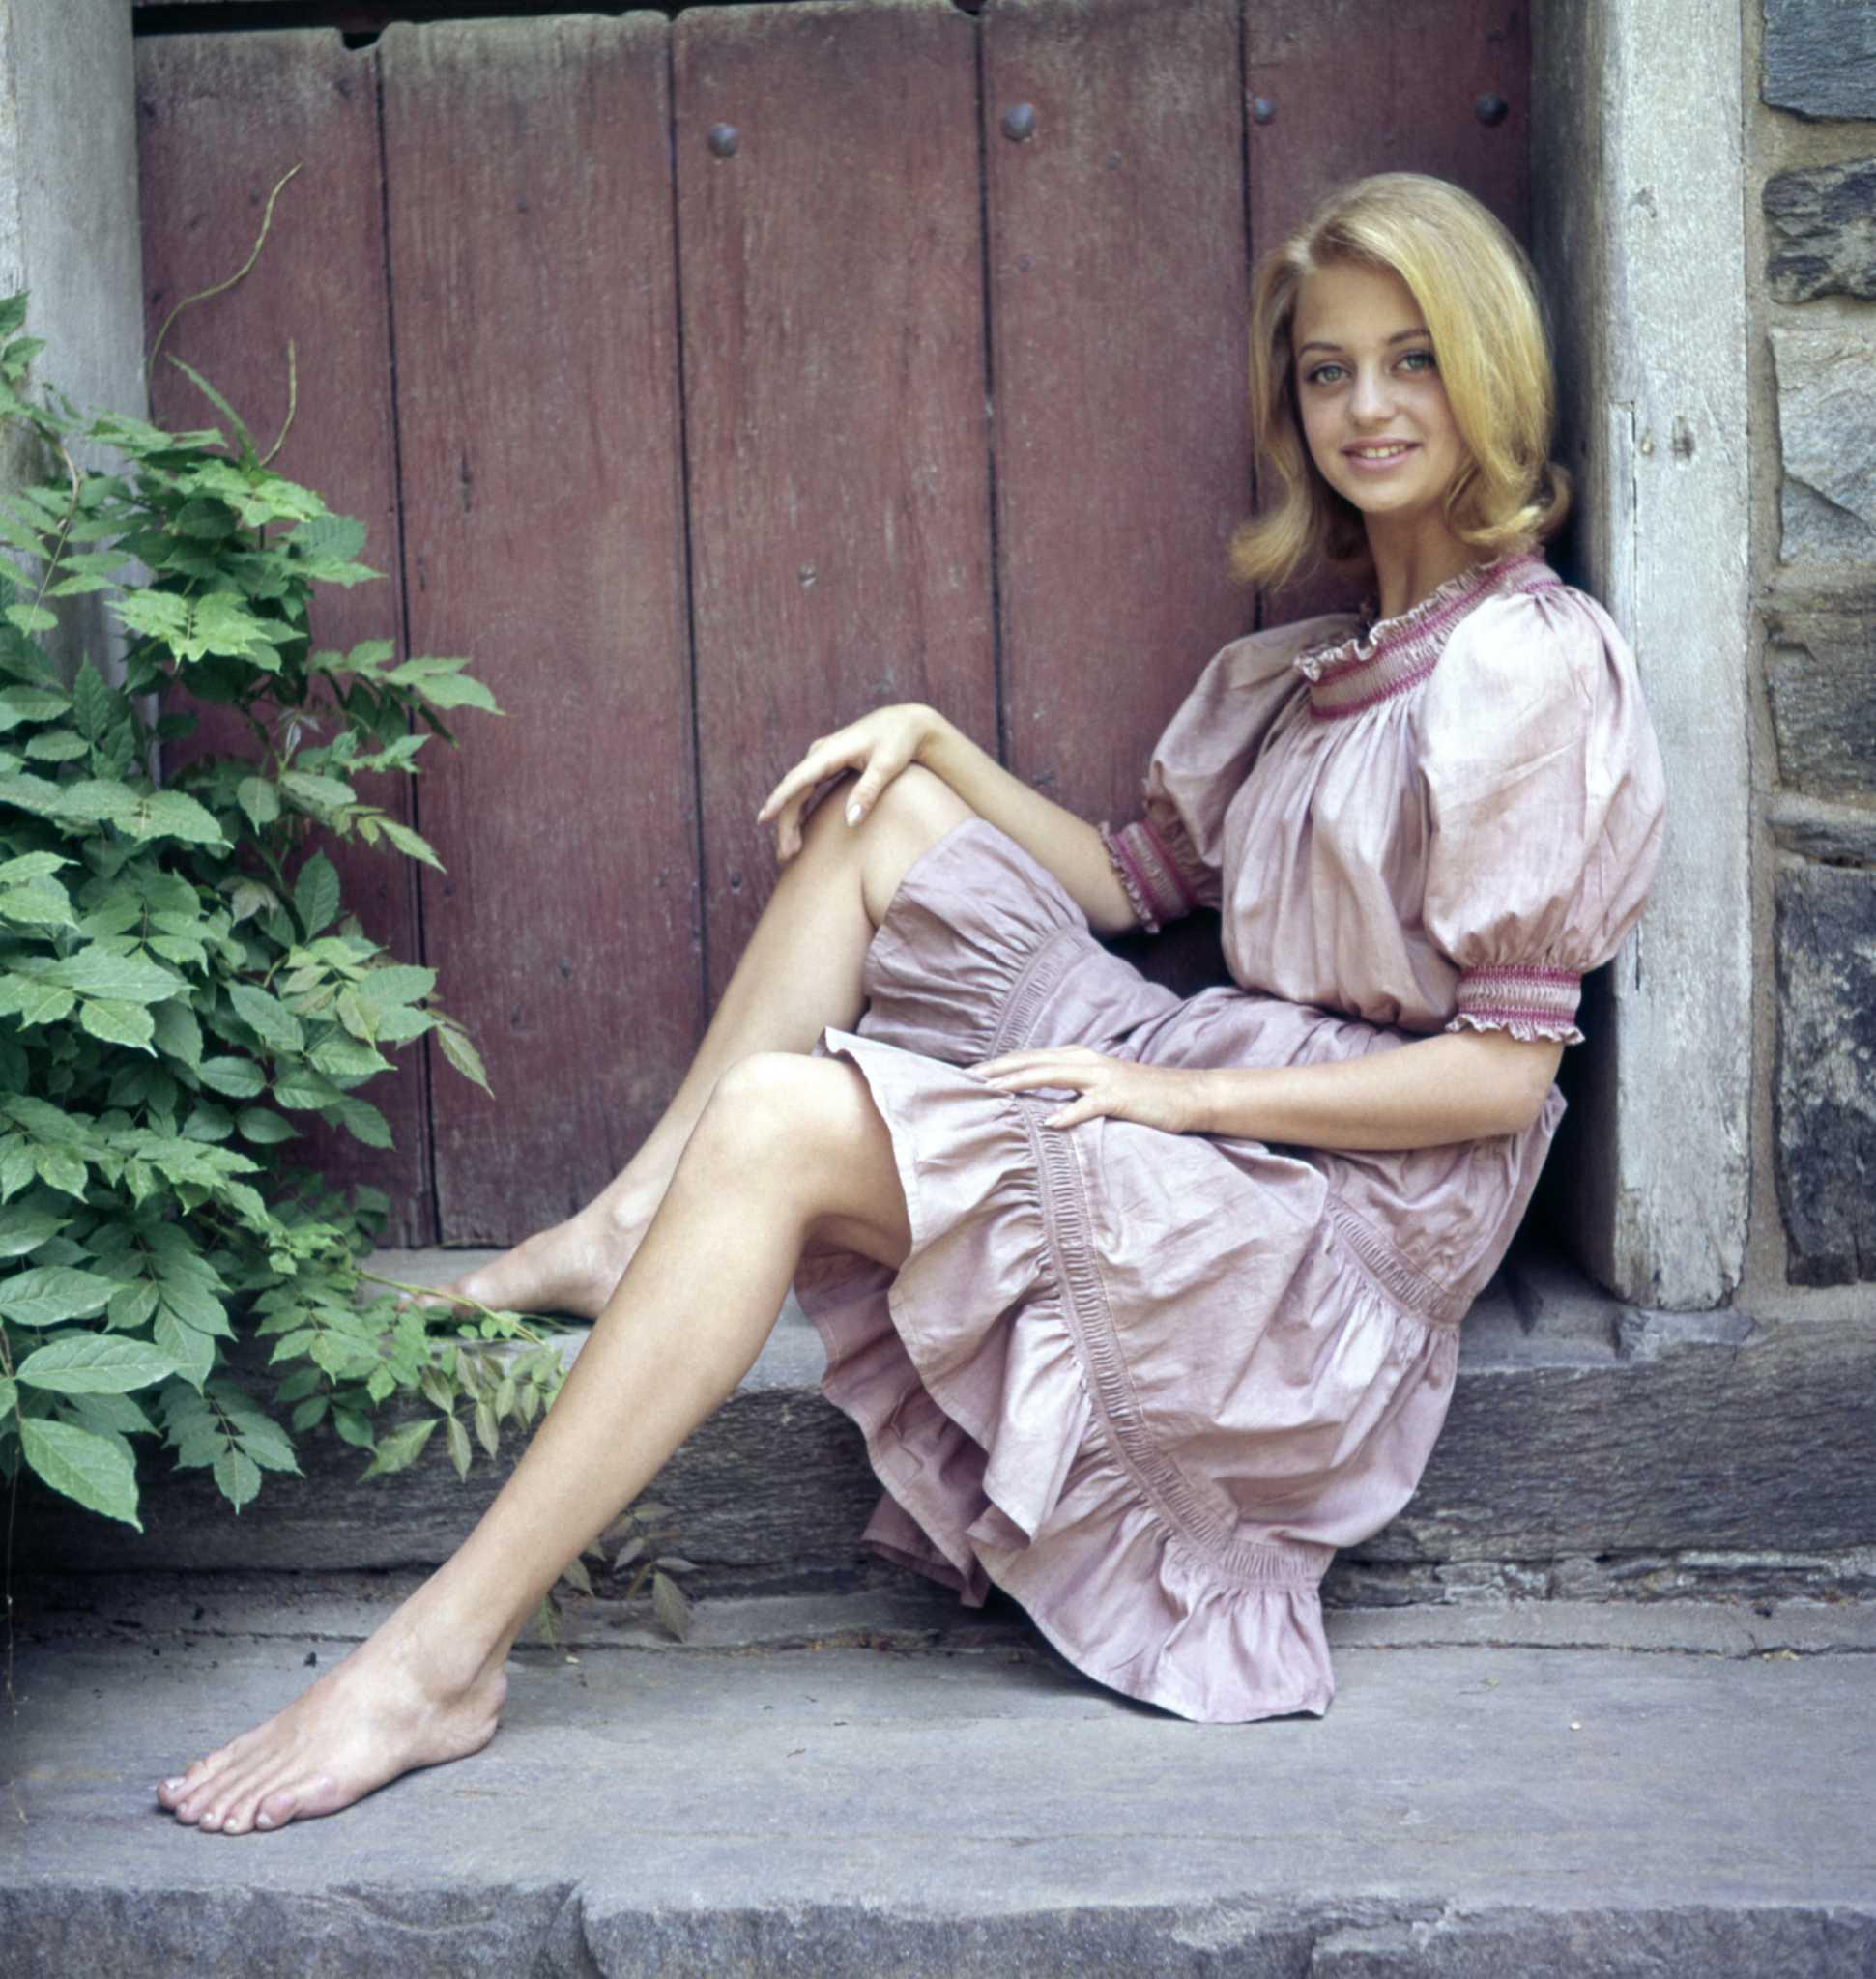 goldie hawn's feet << wikifeet